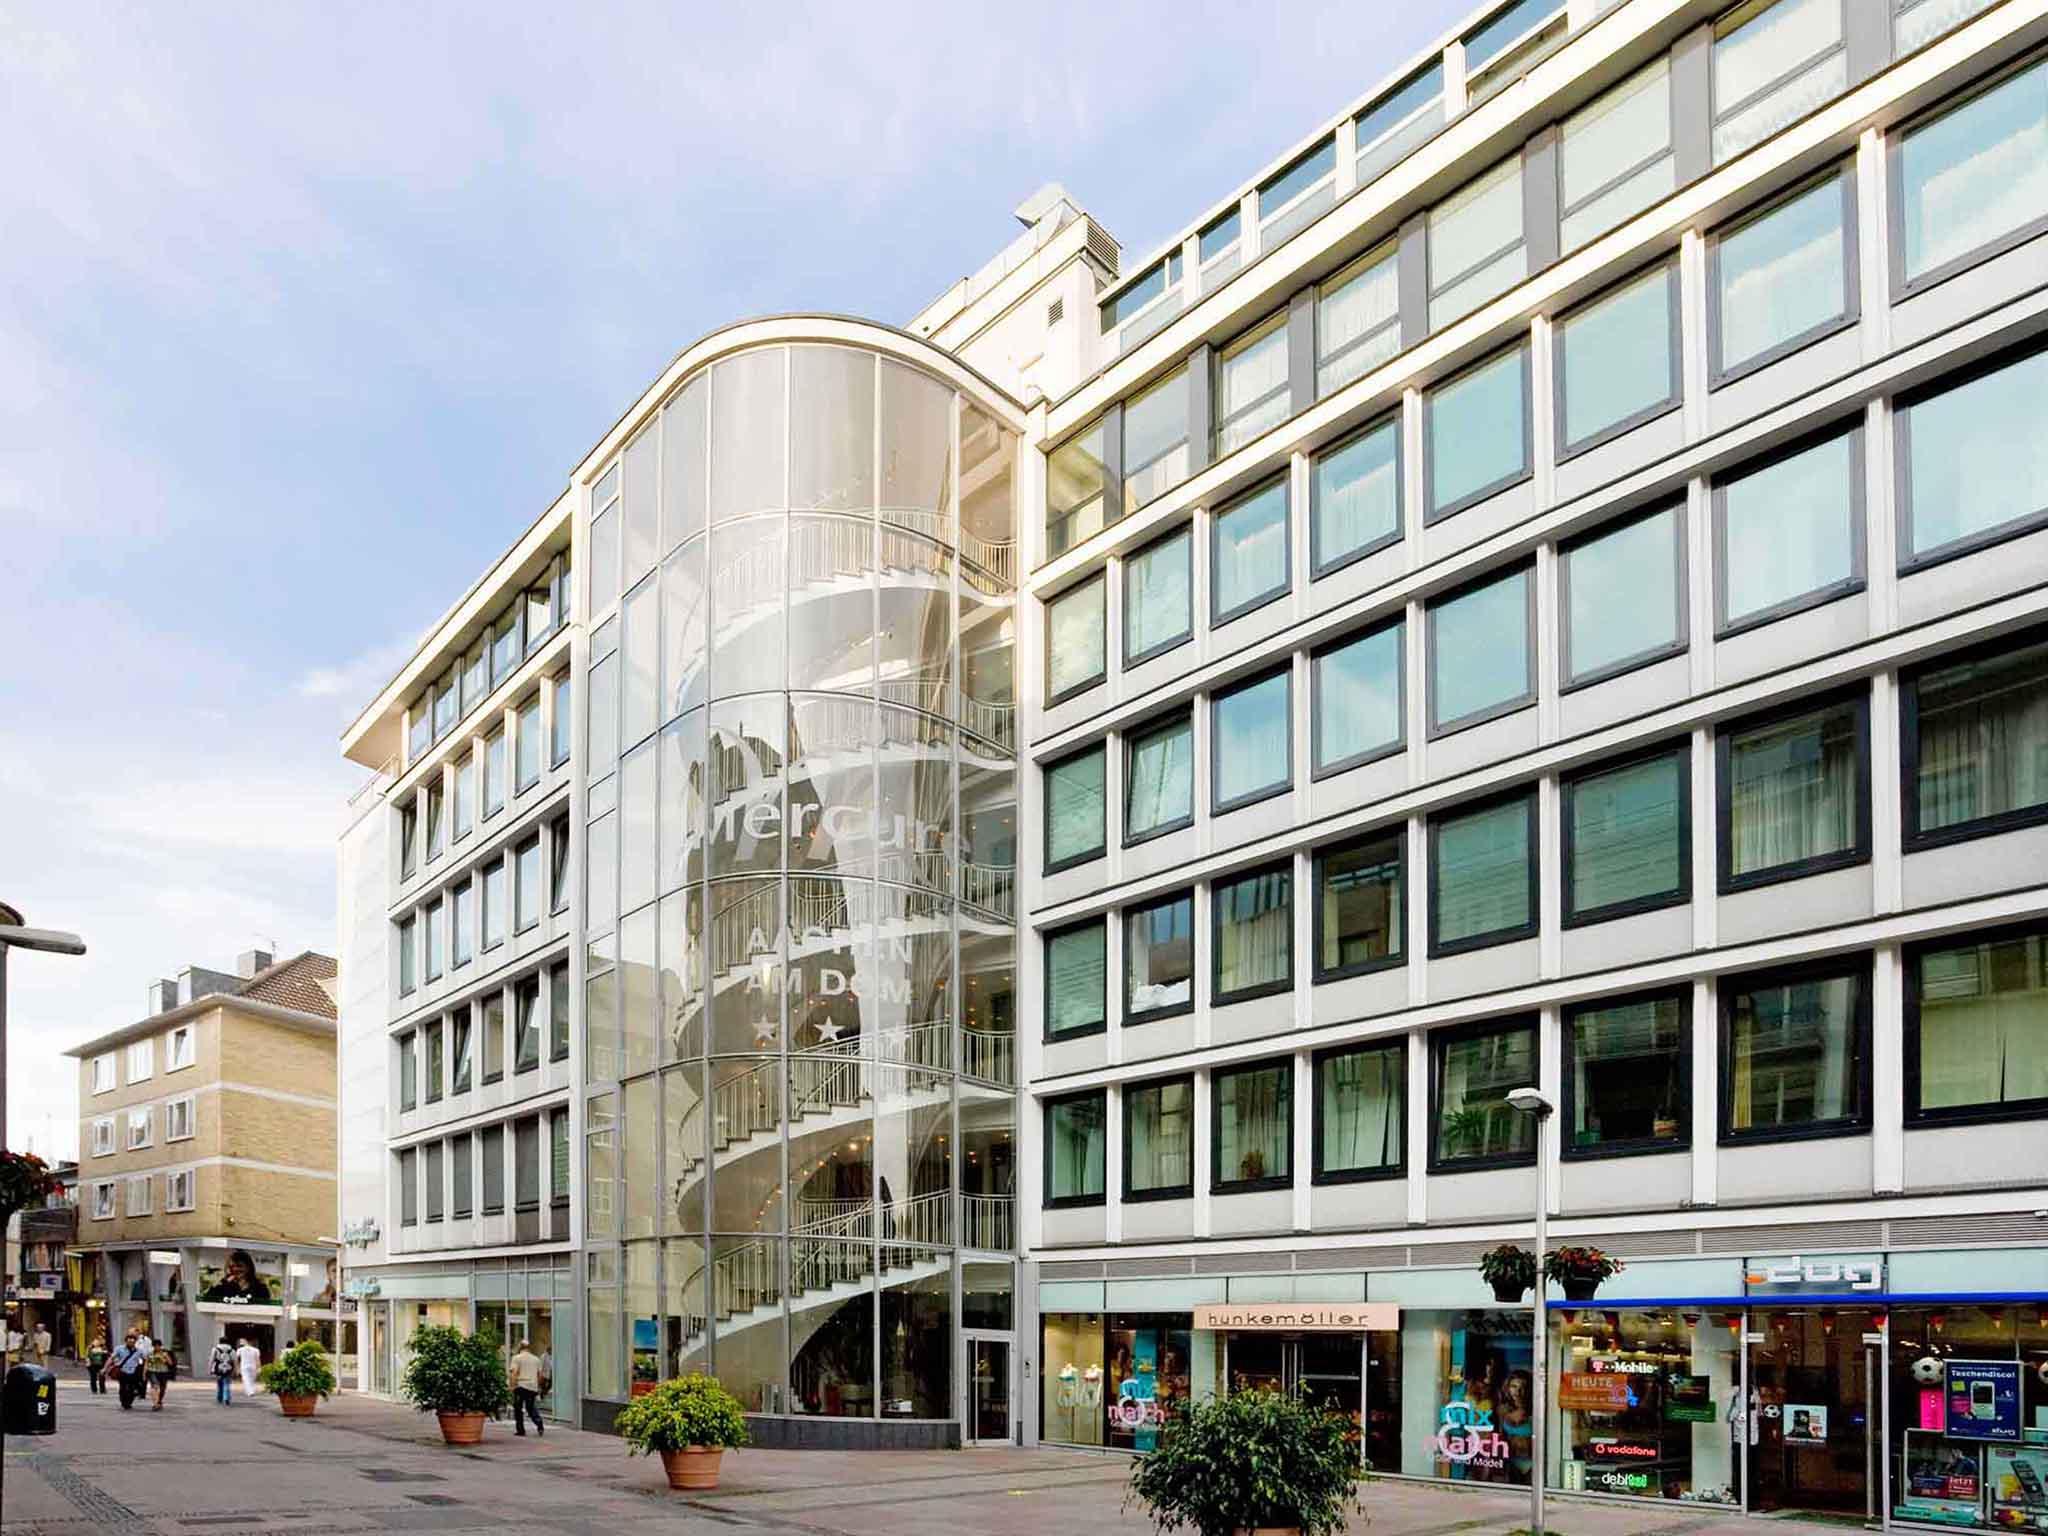 4 Sterne Hotel Aachen Am Dom Mercure